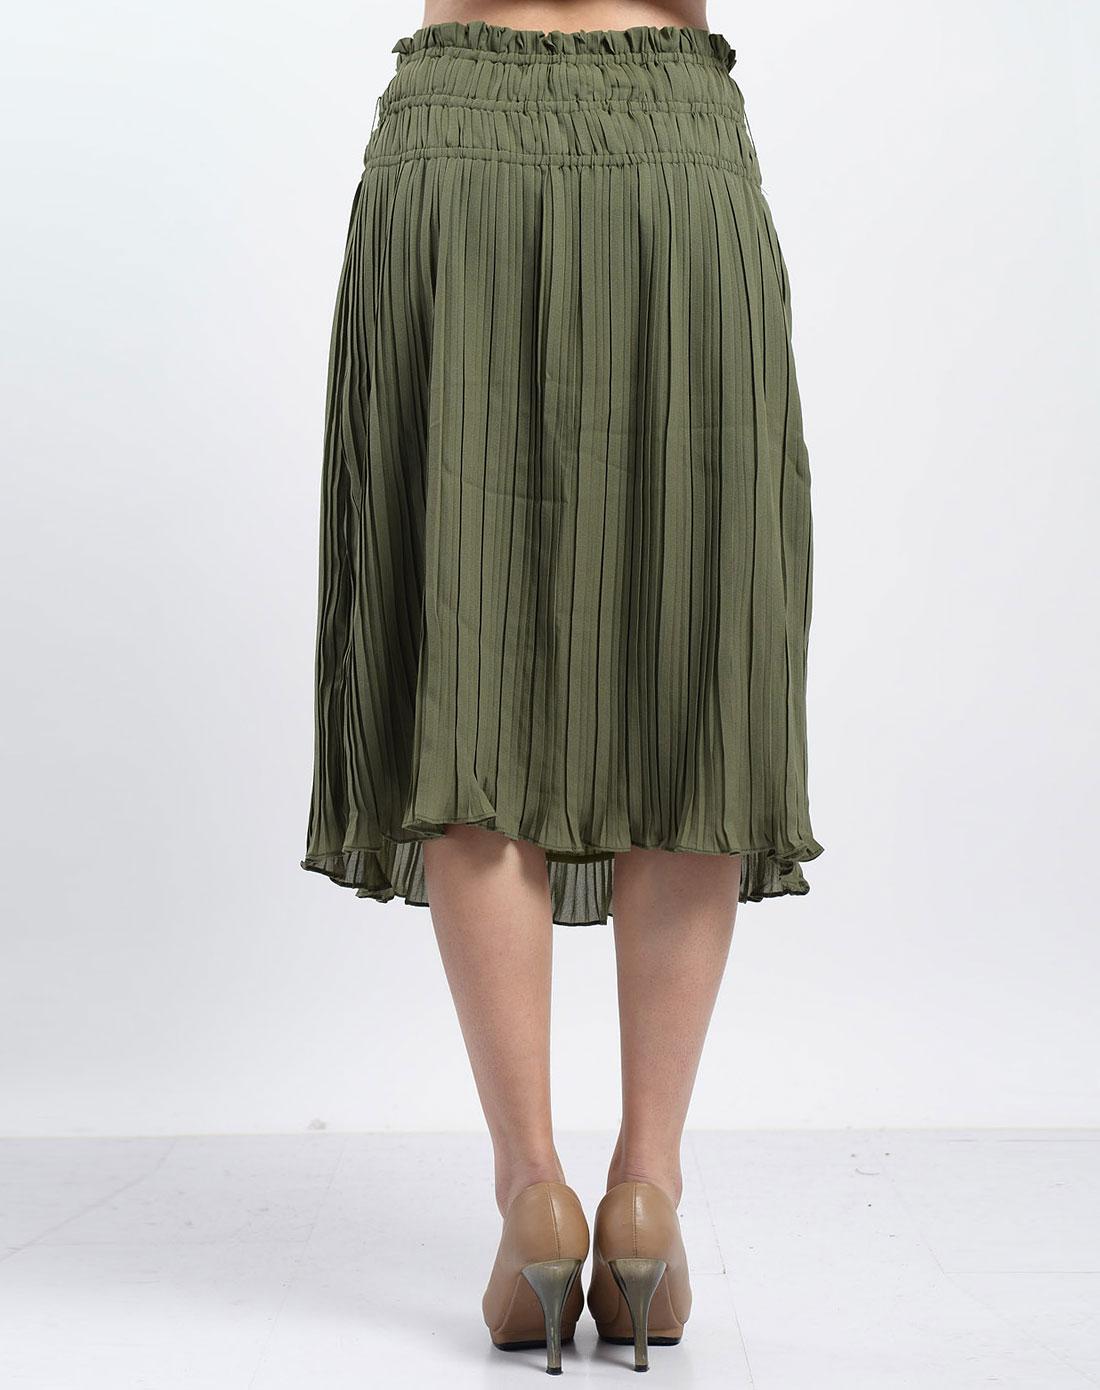 虫二ch/2橄榄绿裙子1216080q5